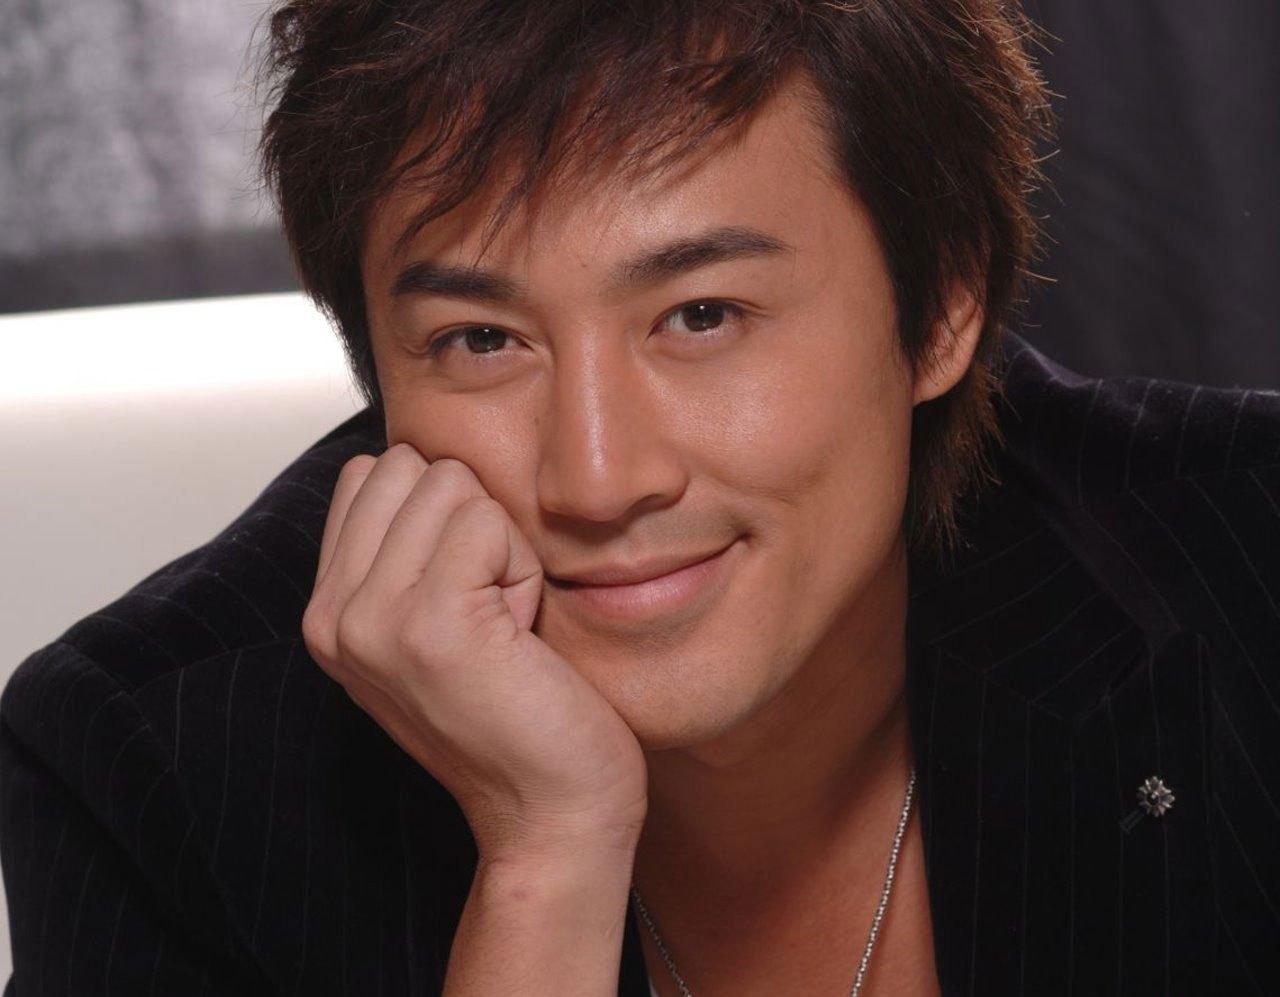 中国男明星颜值排行榜,猜猜谁是第一名